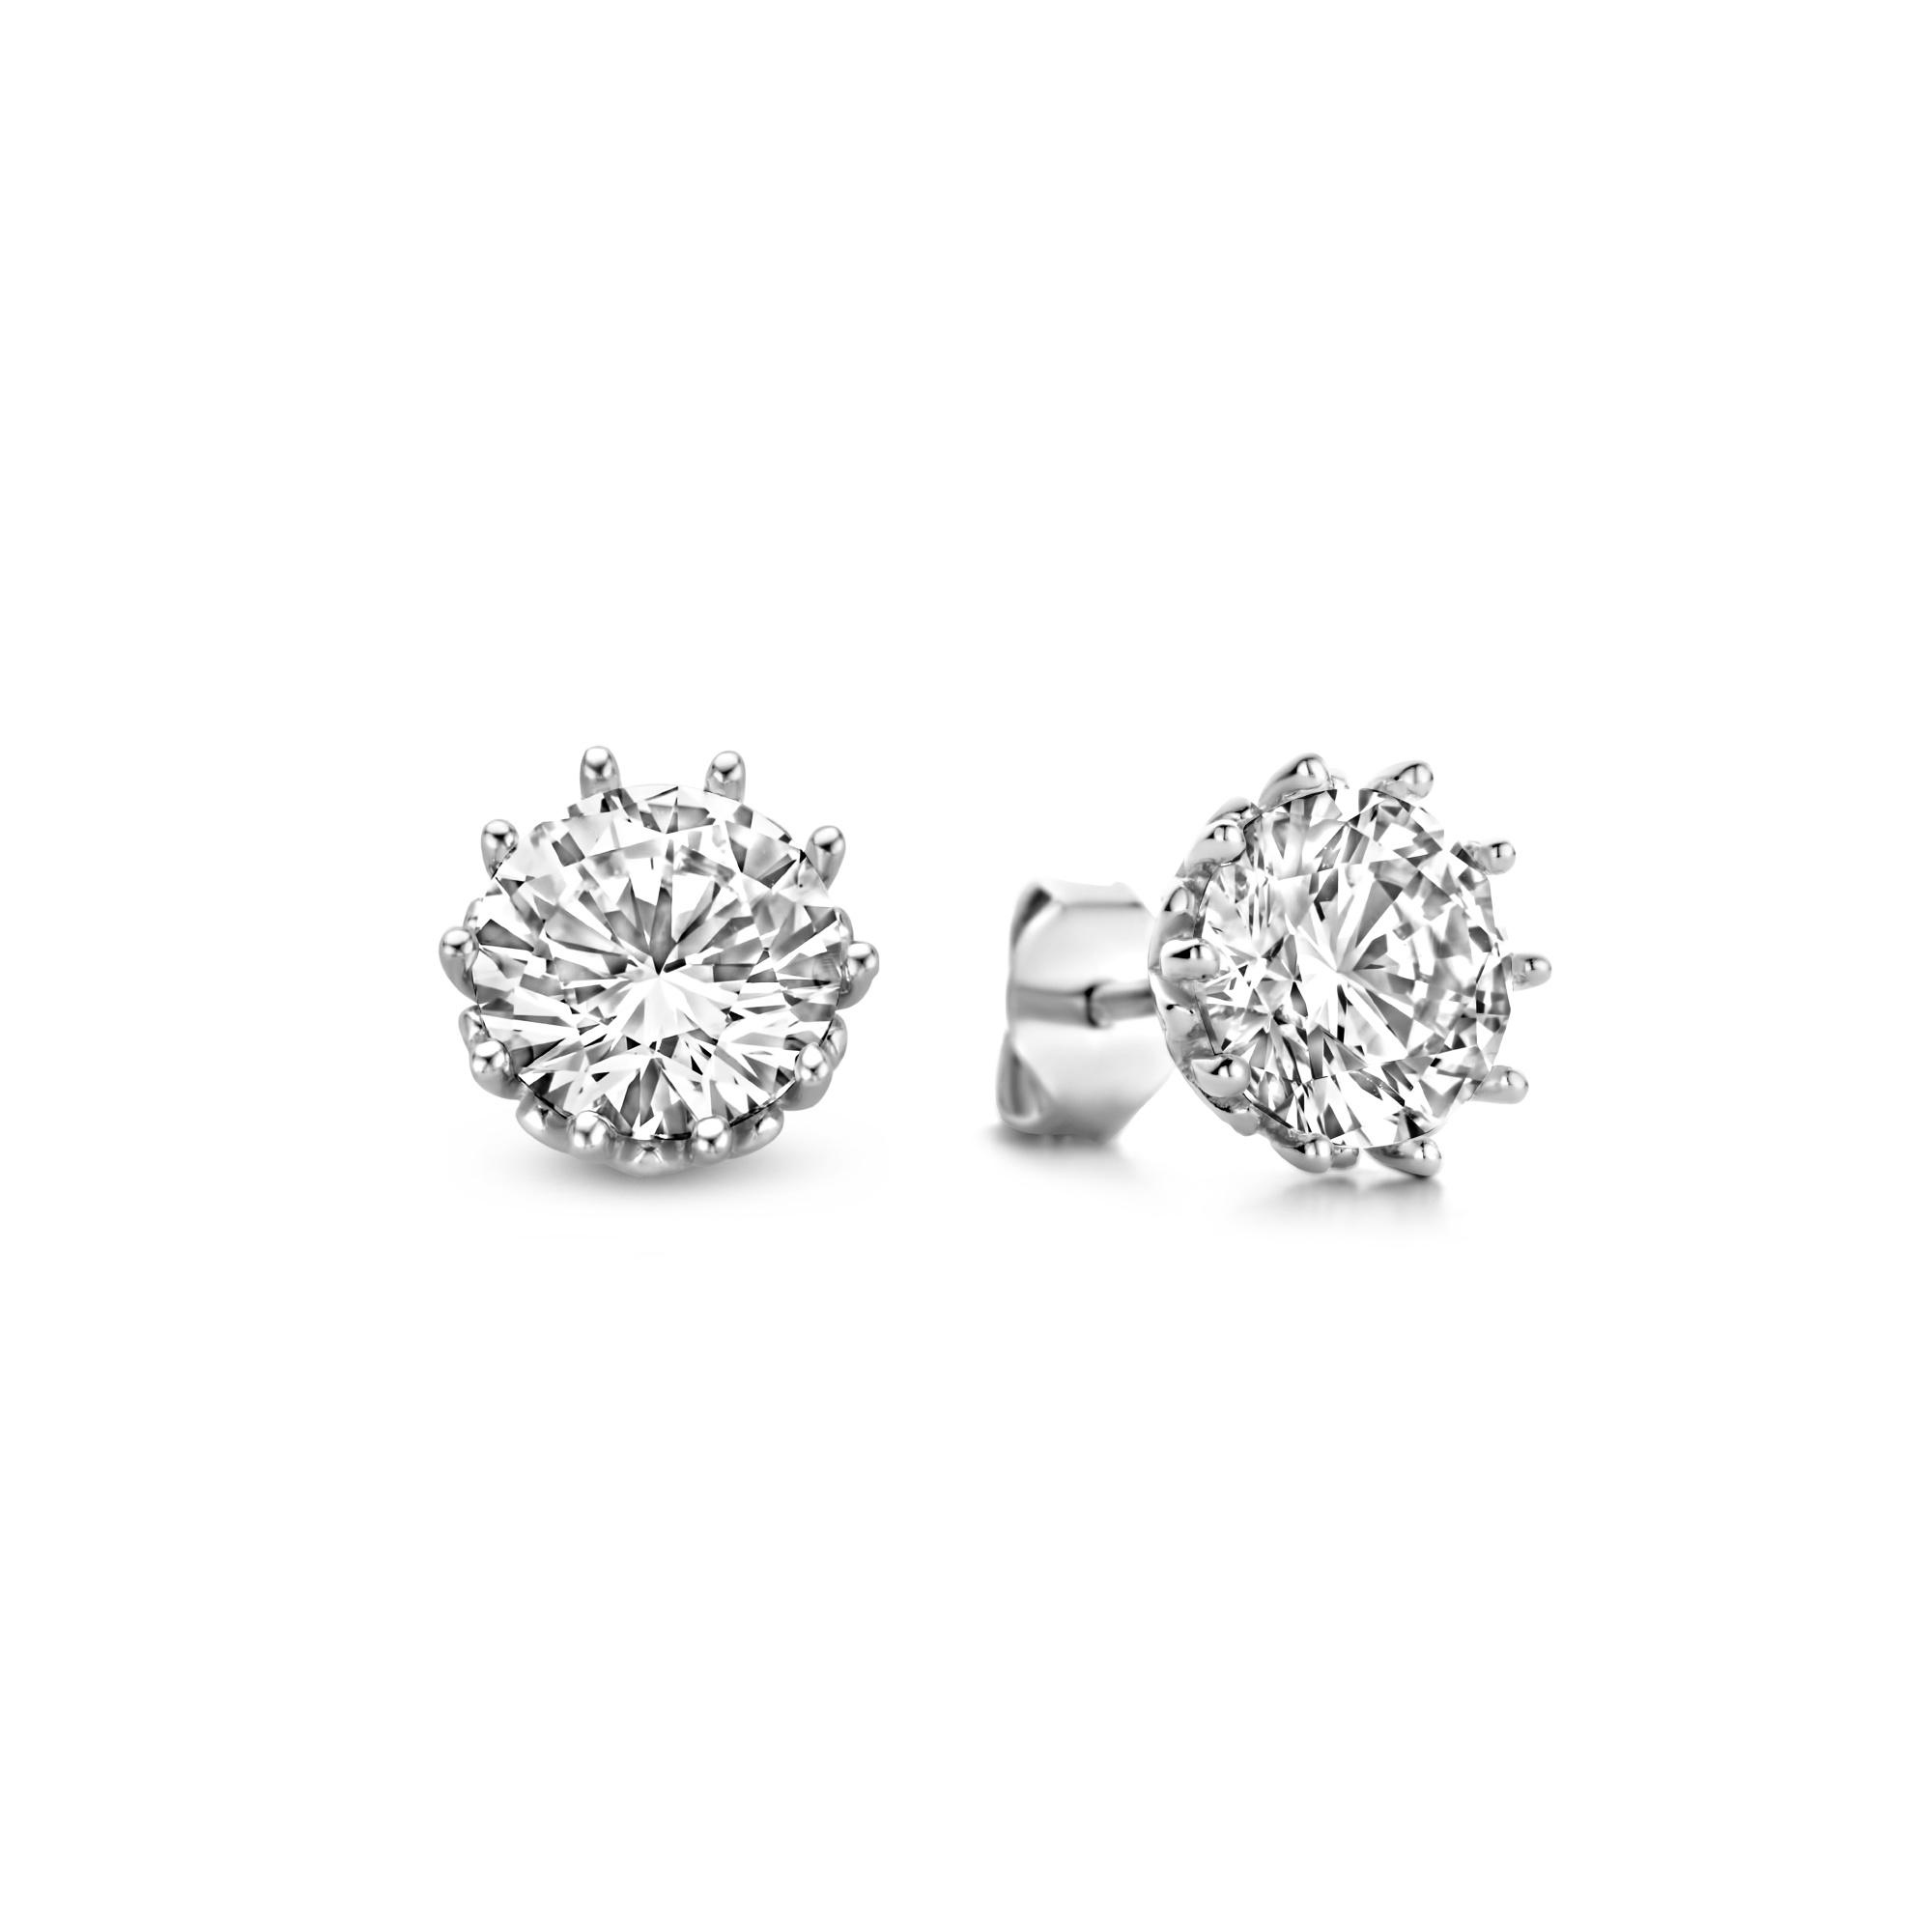 Parte di Me Cento Luci Maxima 925 sterling silver ear studs